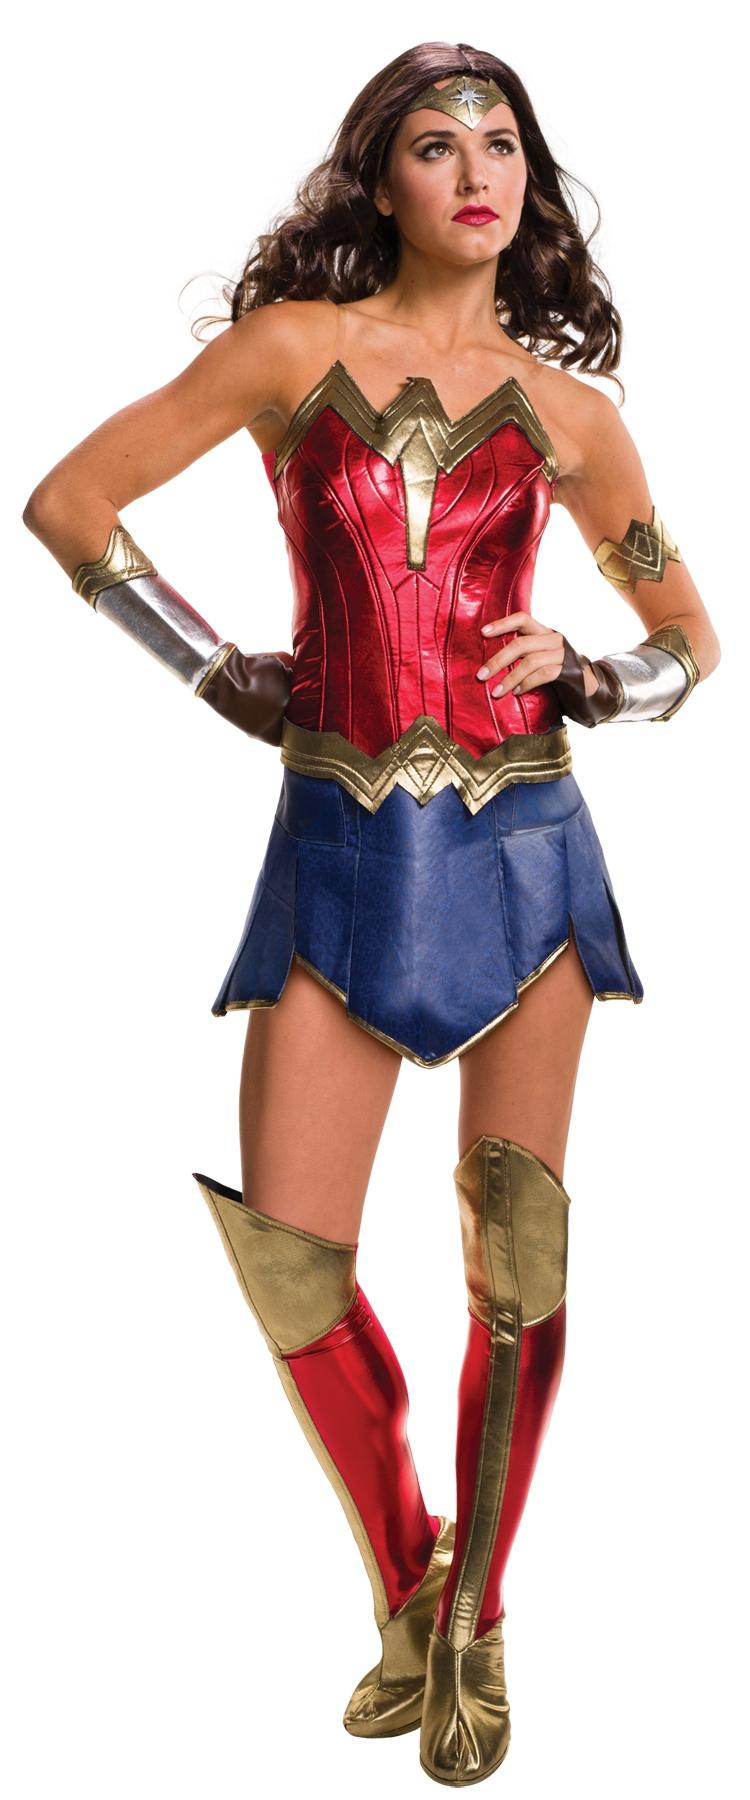 Костюм Храброй Чудо женщины (46) - Супергерои и комиксы, р.46